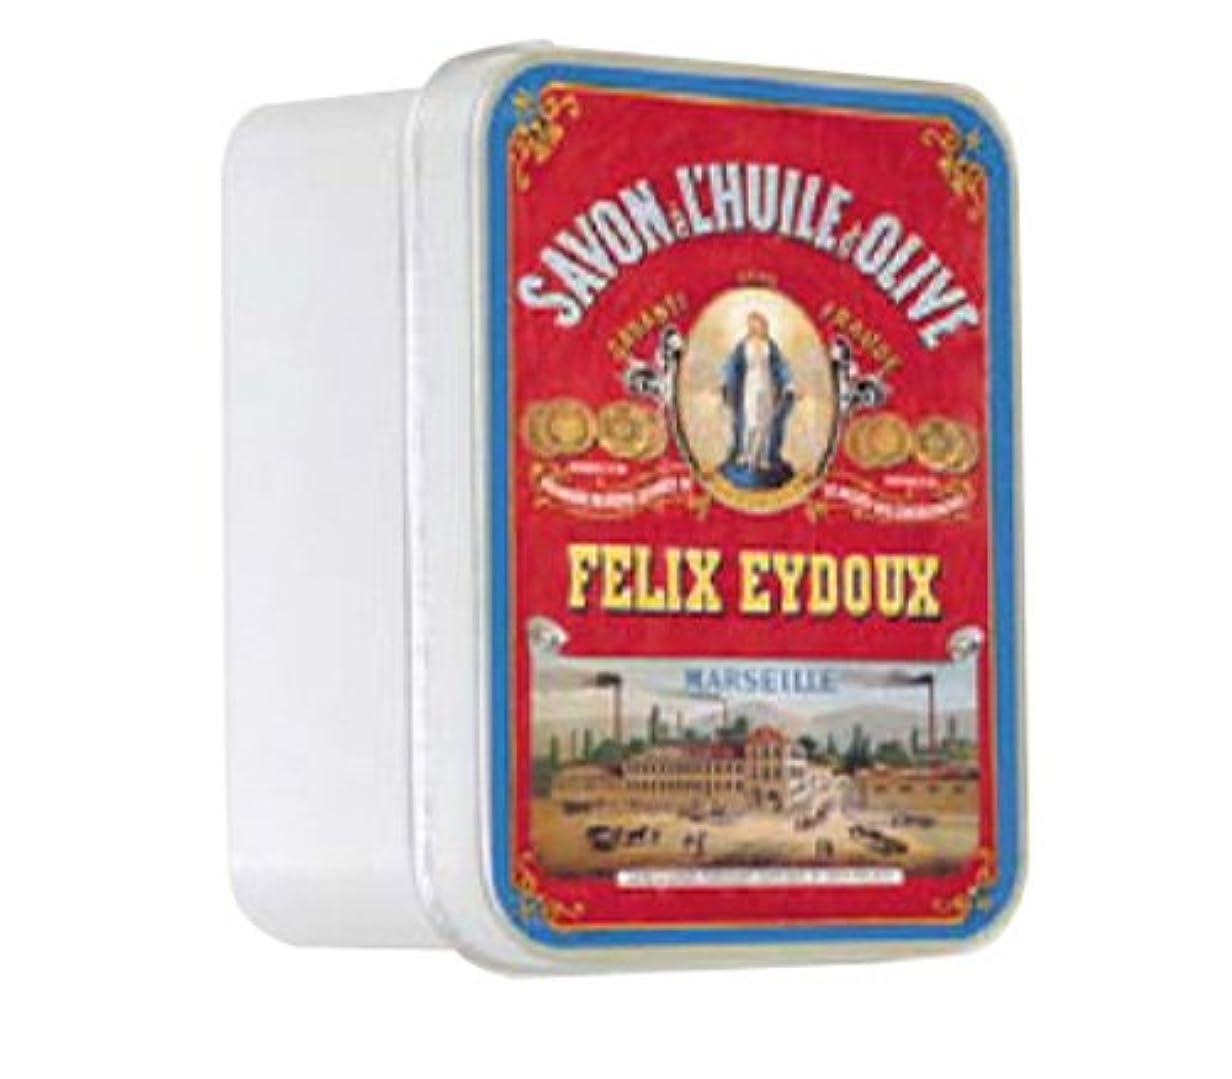 ベーコン内陸通行料金ルブランソープ メタルボックス(マルセイユソープ?オリーブの香り)石鹸